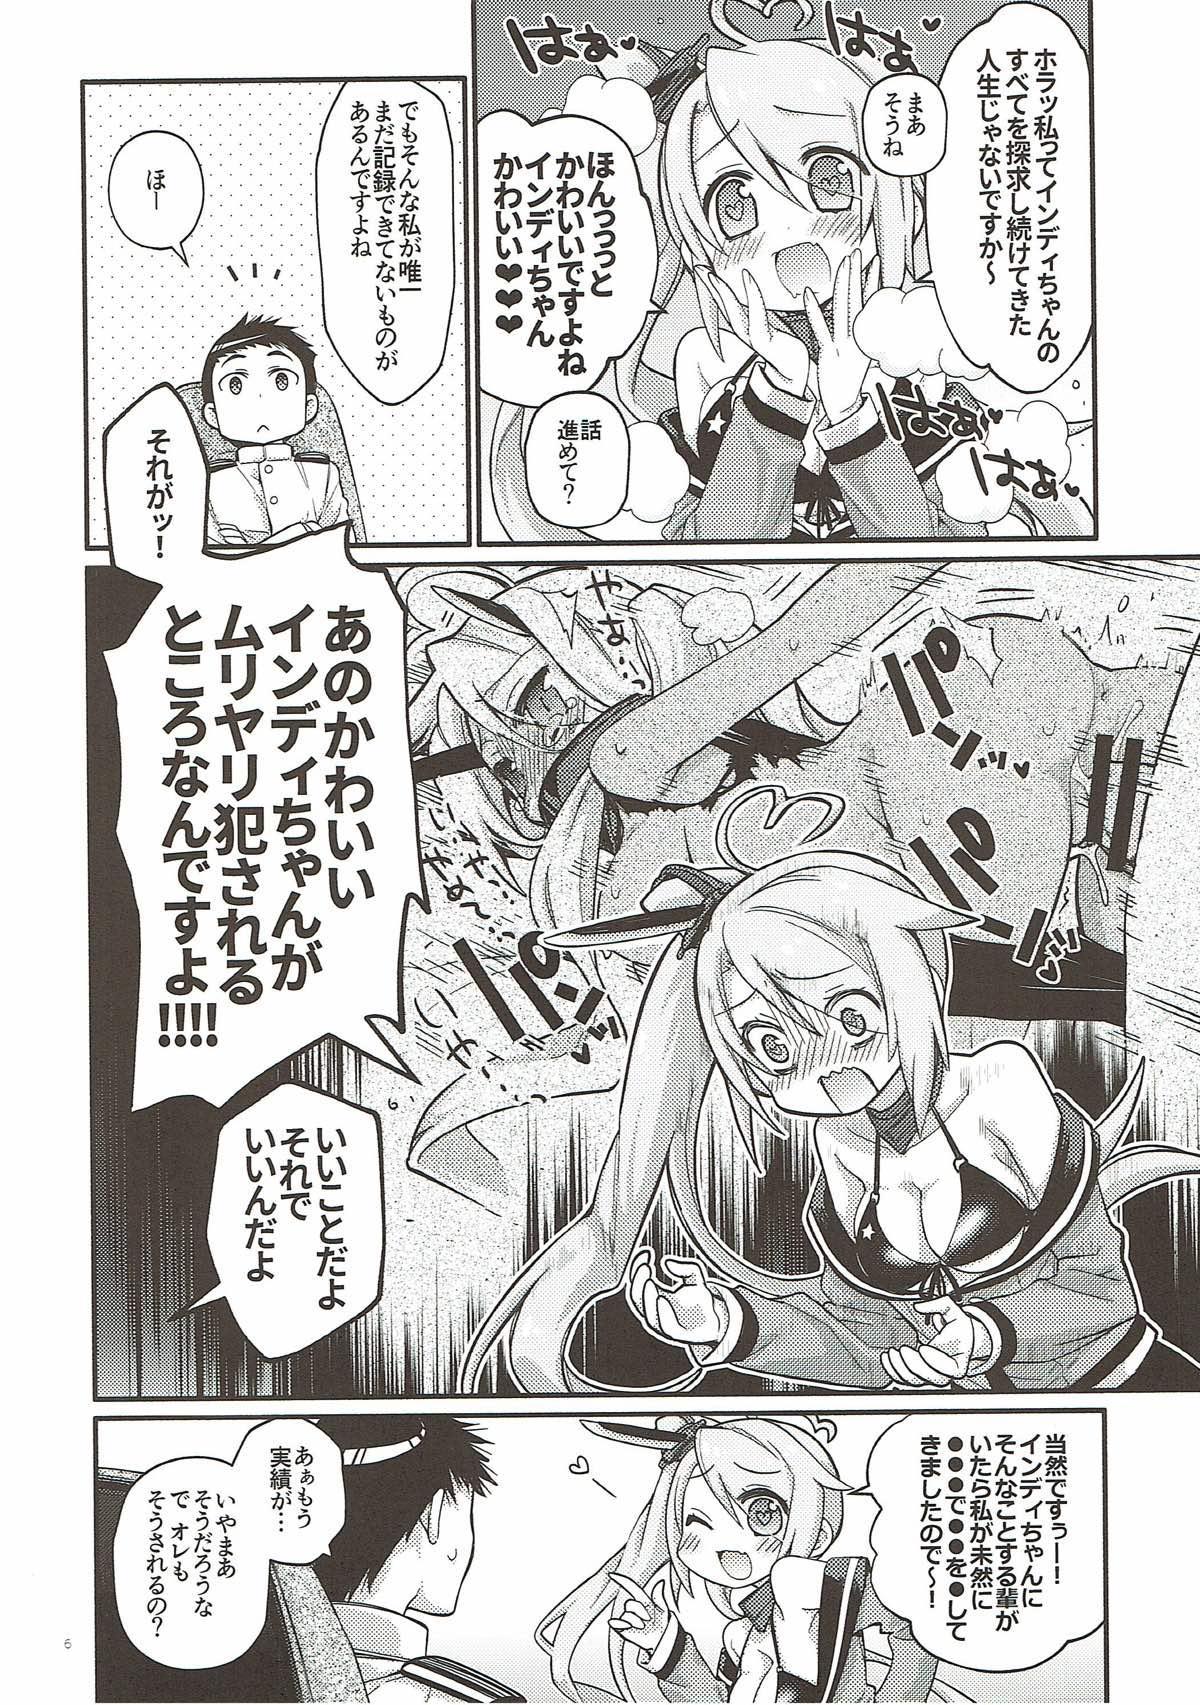 Uchi no Imouto wa Sekaiichi Kawaiin desu kedo! - My sister is a GODDESS! 2